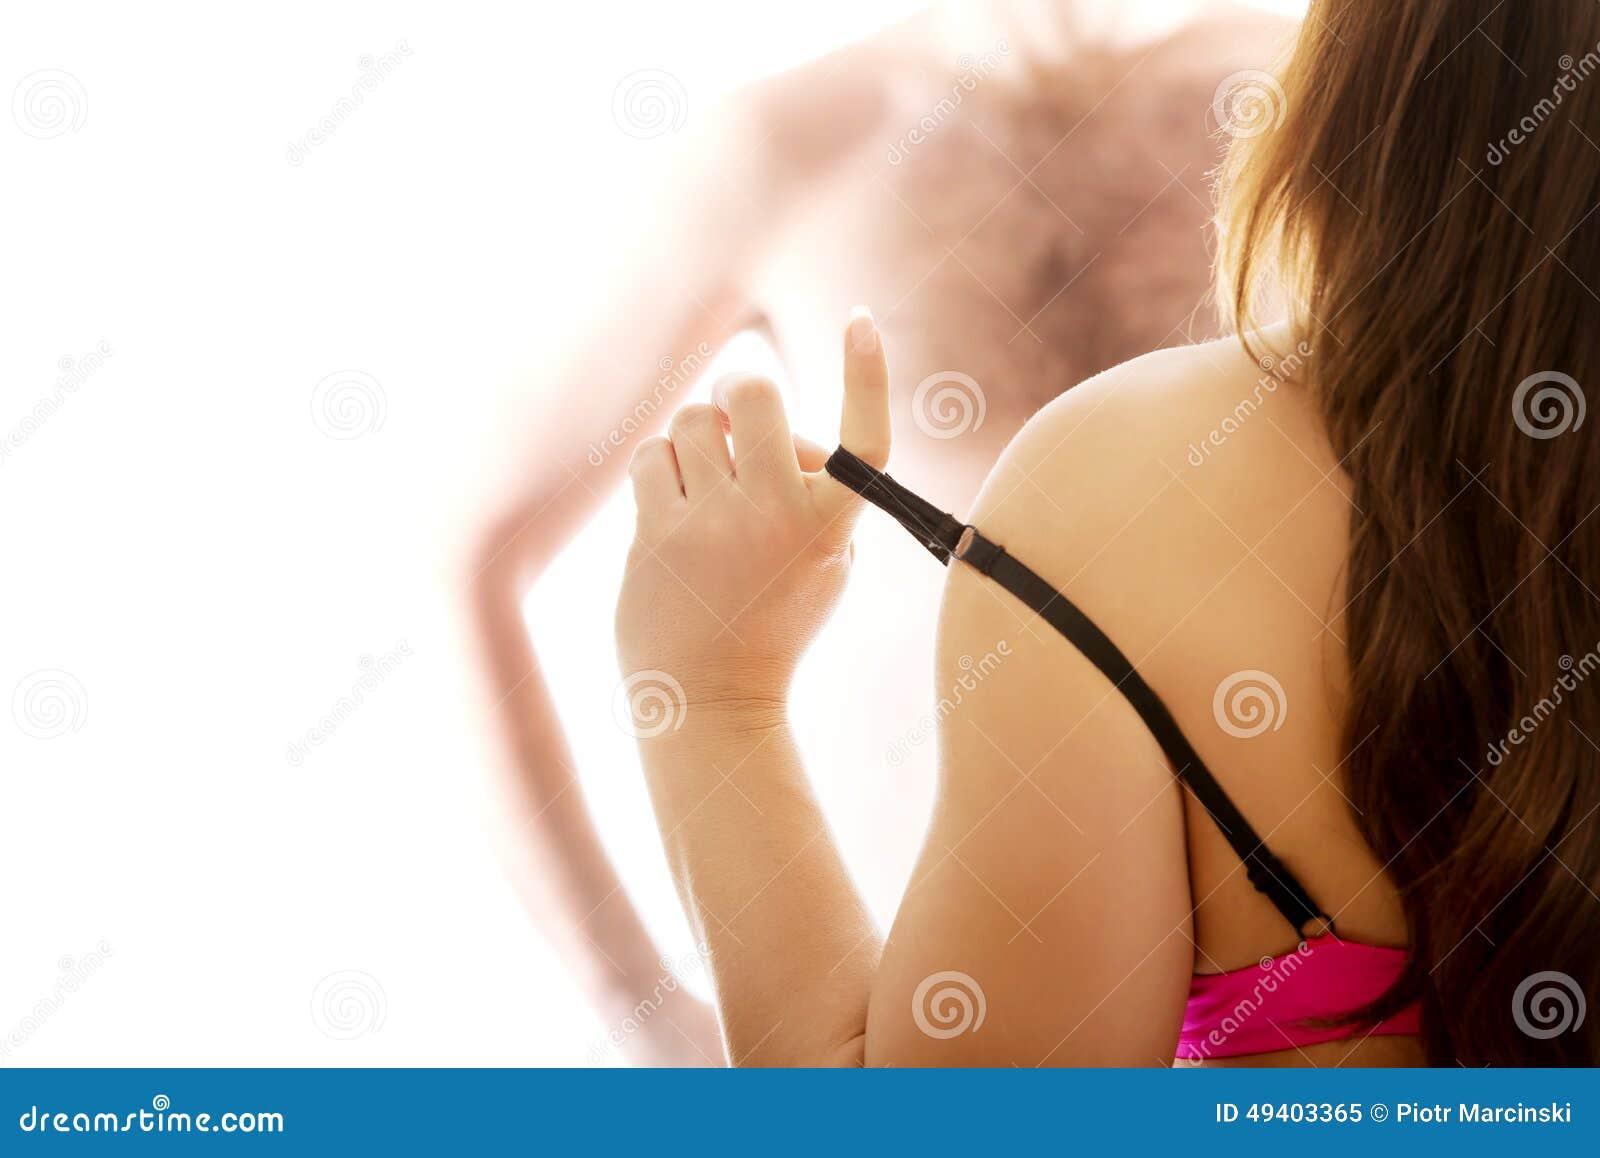 Download Sexy Attraktive Frau, Die Ihren BH Entfernt Stockbild - Bild von attraktiv, erotisch: 49403365